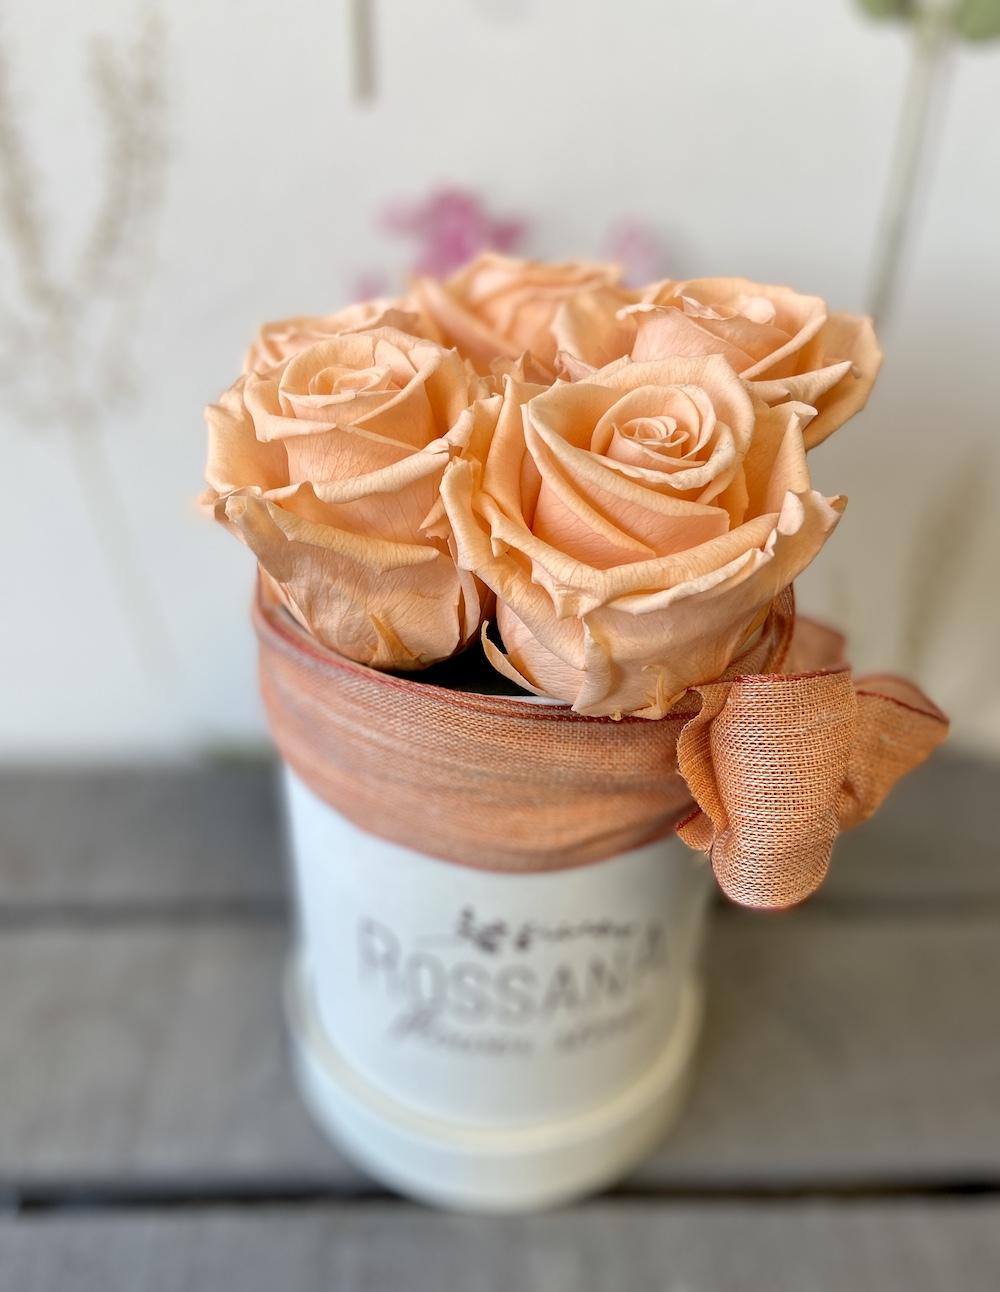 flower box rose stabilizzate pesca florashopping Rossana flower store NovellinoIMG_0275